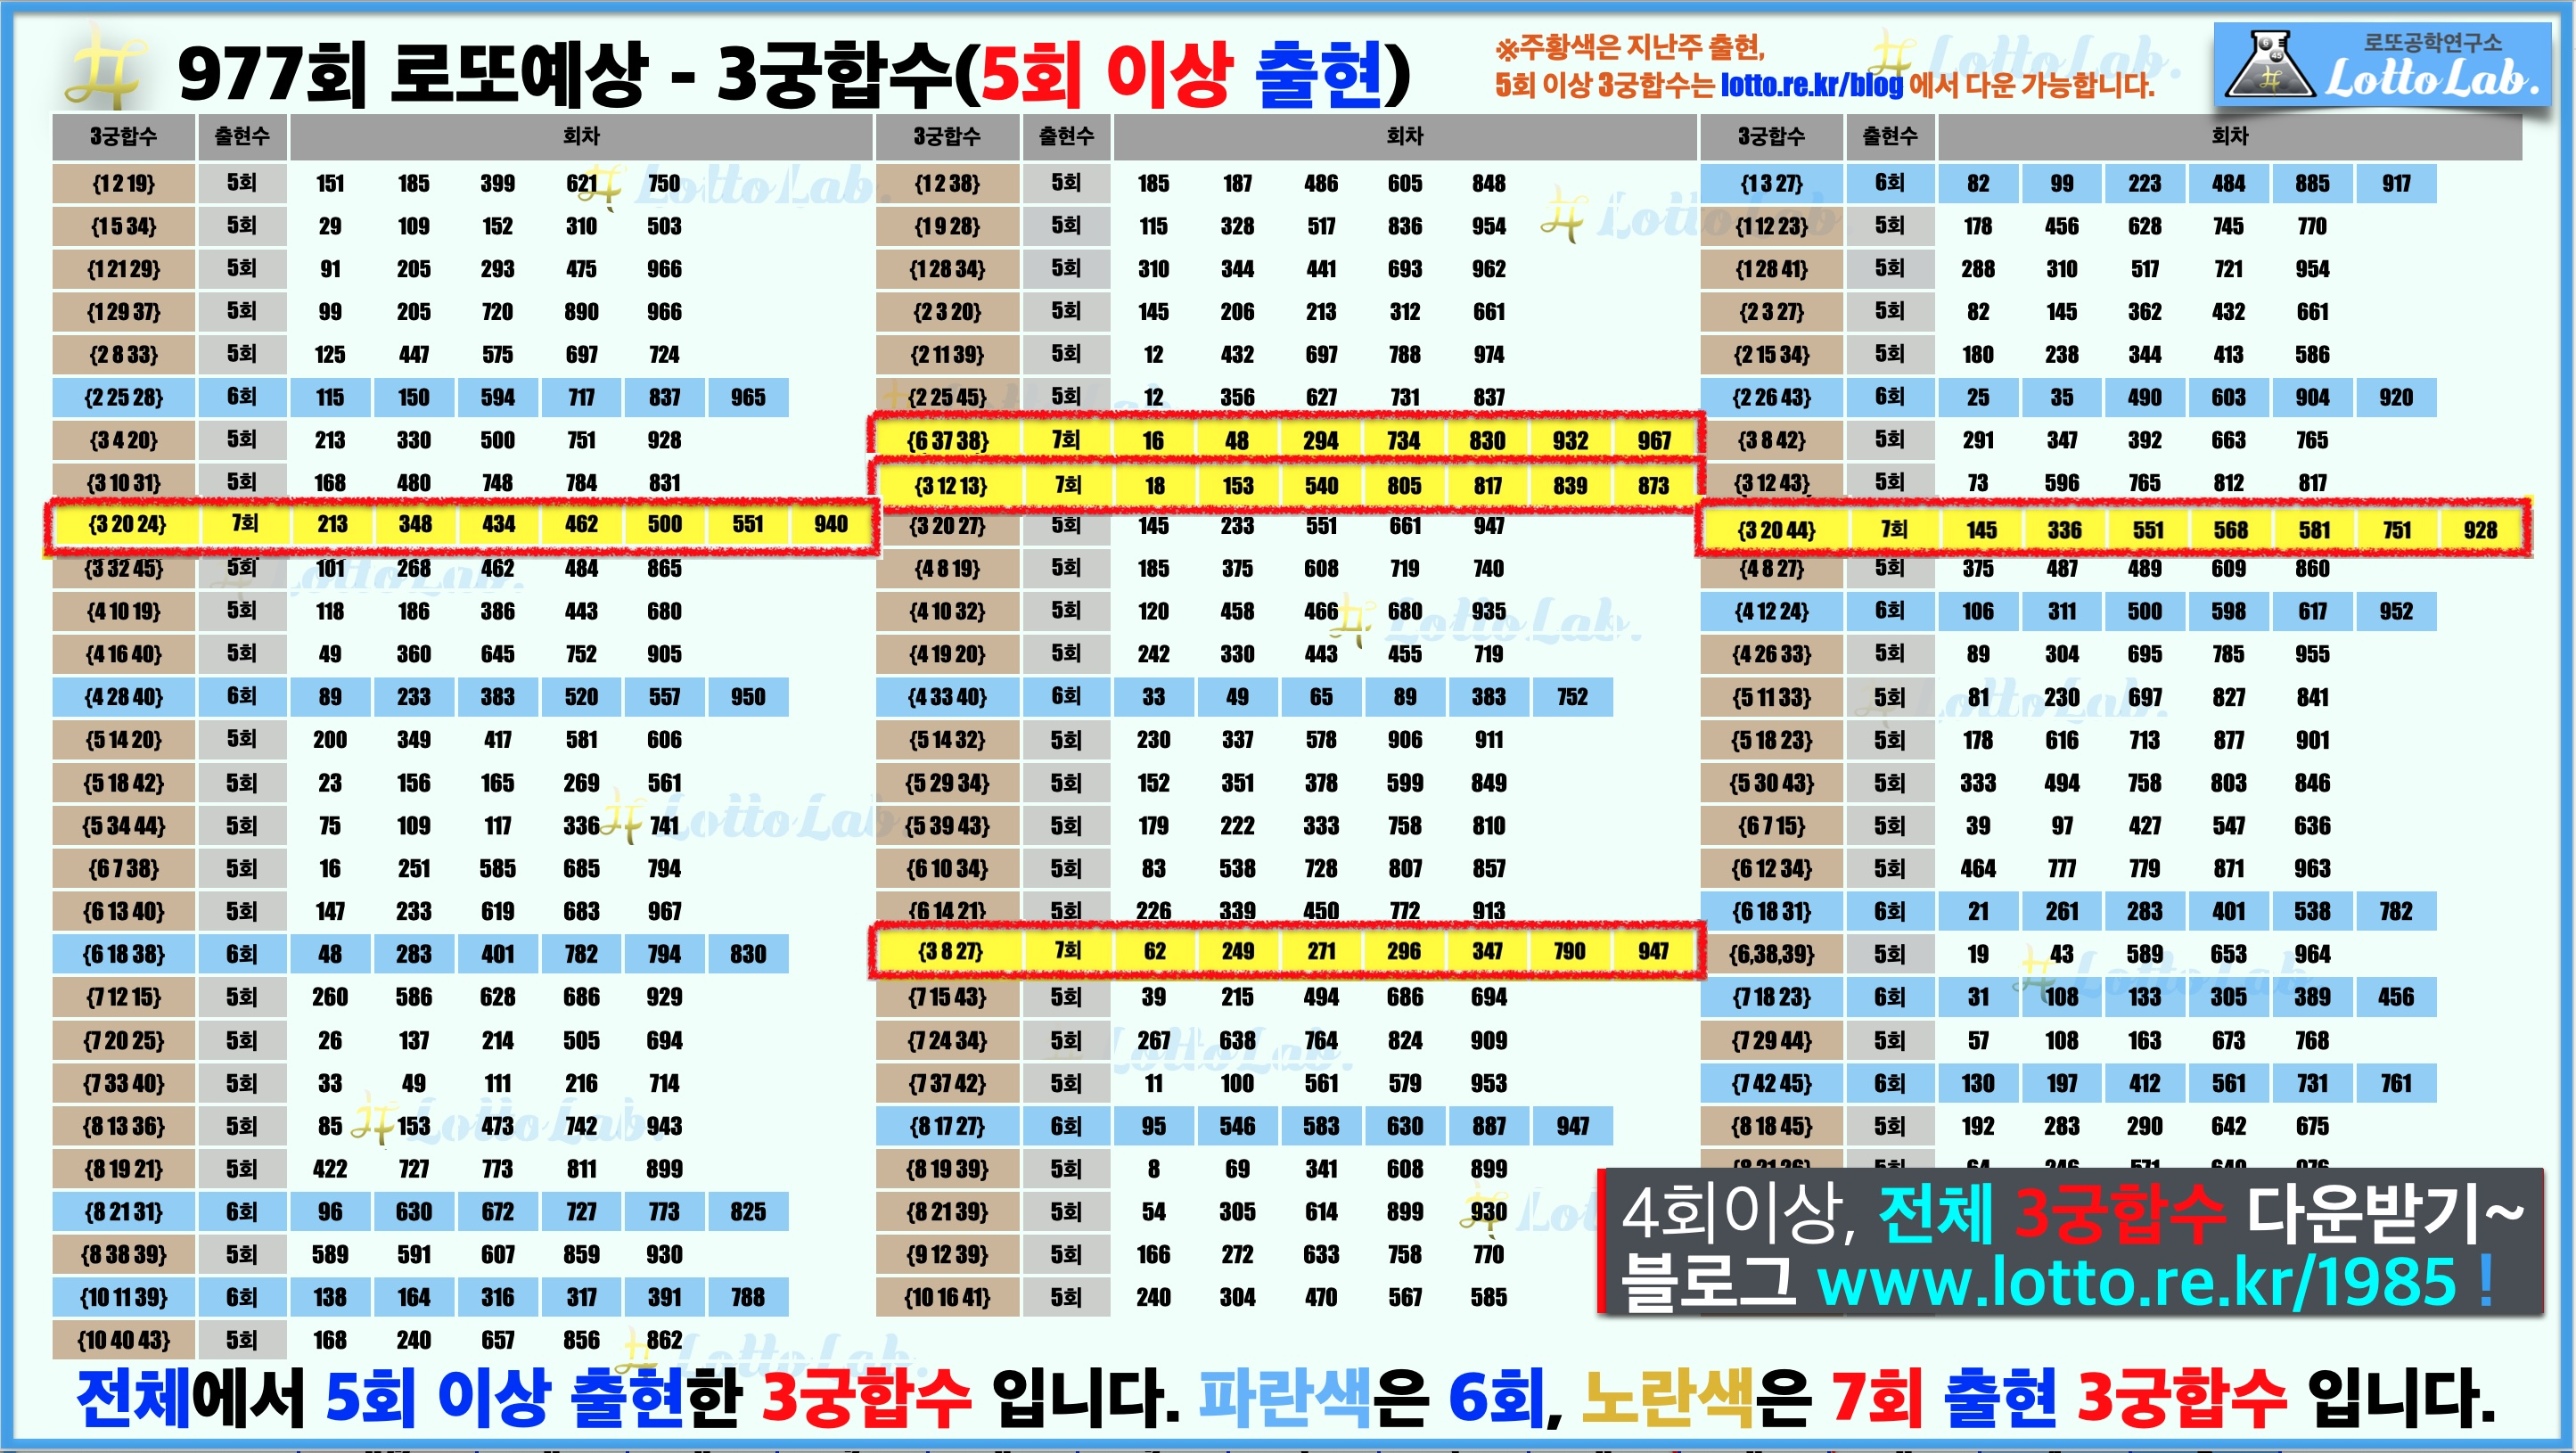 로또랩 로또977 당첨 번호 예상 - 3궁합수1